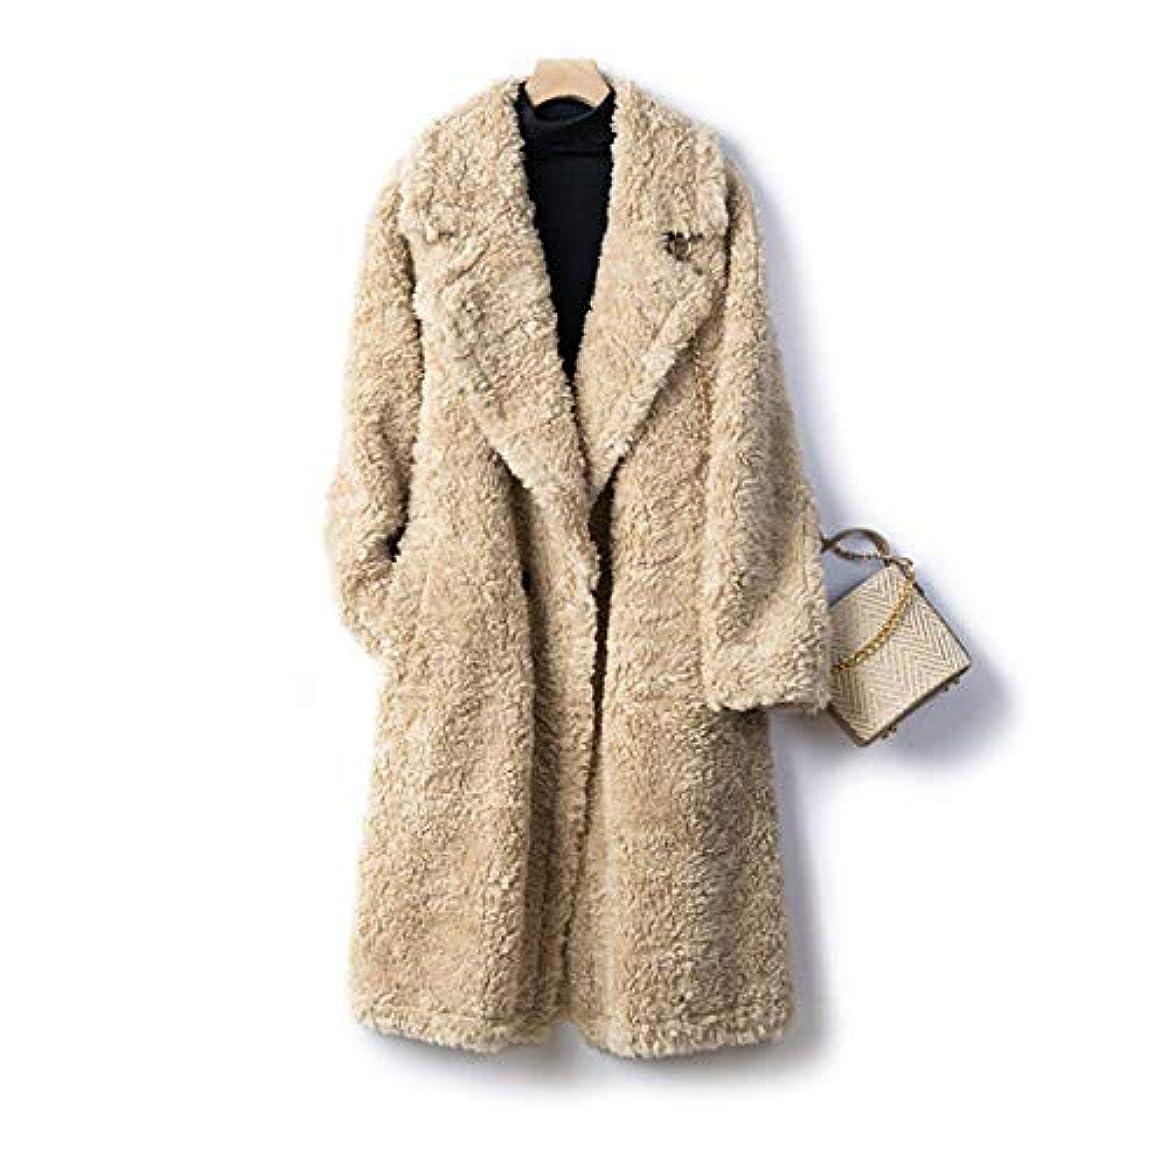 梨コア努力厚いウールのコート、女性のコートレディースウインドブレーカージャケット厚い羊のせん断顆粒ロングコートの女性のウールコート19秋と冬の婦人服,A,M